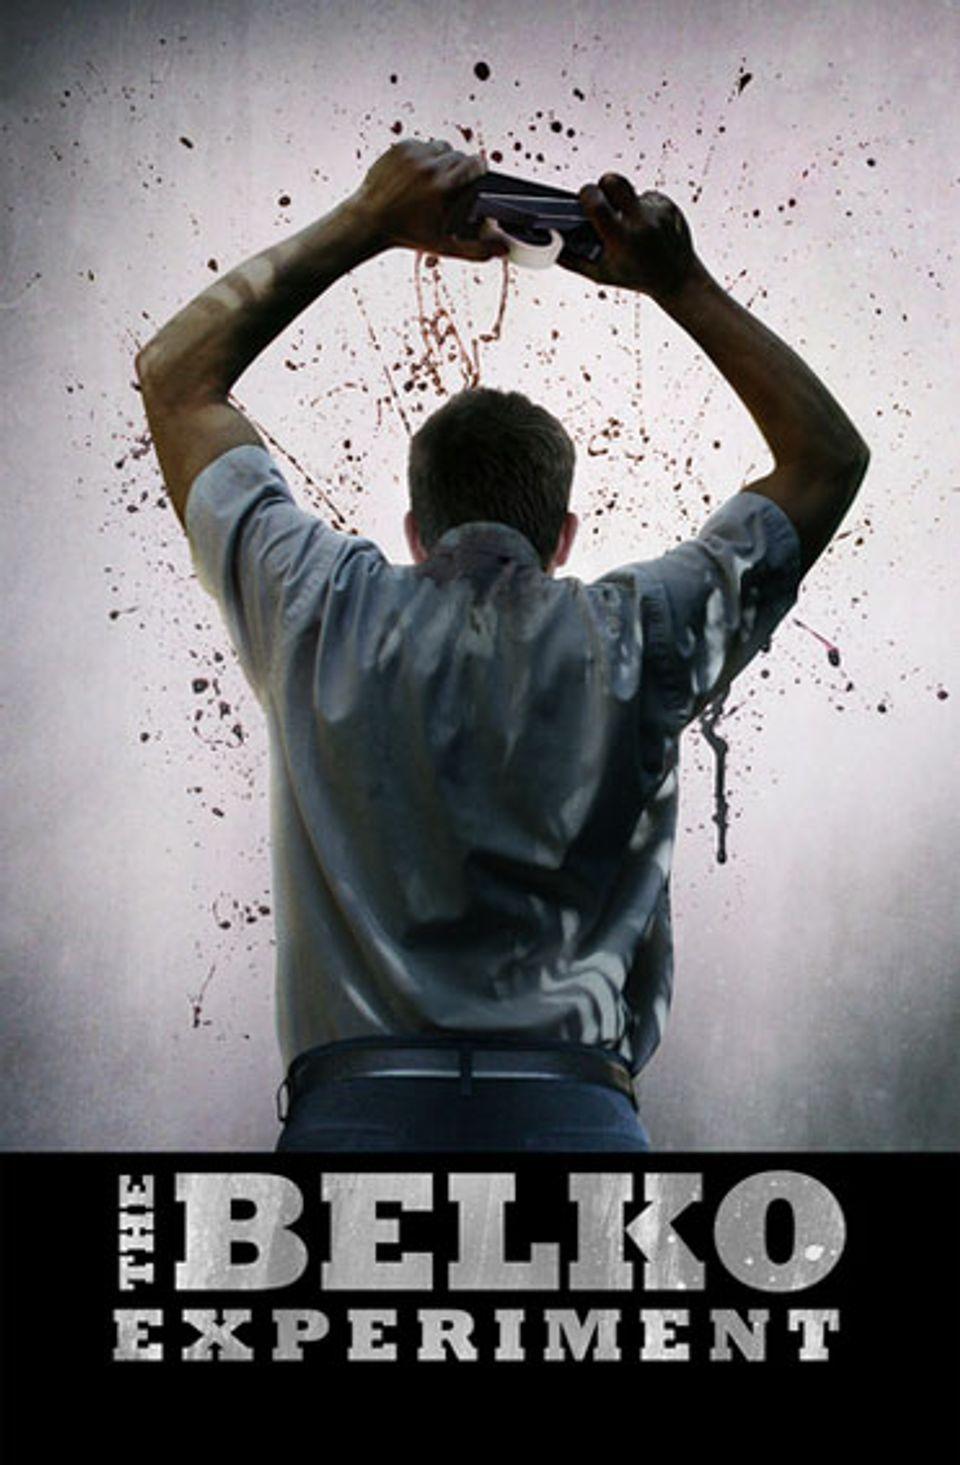 """ภ.ฝรั่ง """"เกมออฟฟิศ ปิดตึกฆ่า"""" (THE BELKO EXPERIMENT)"""